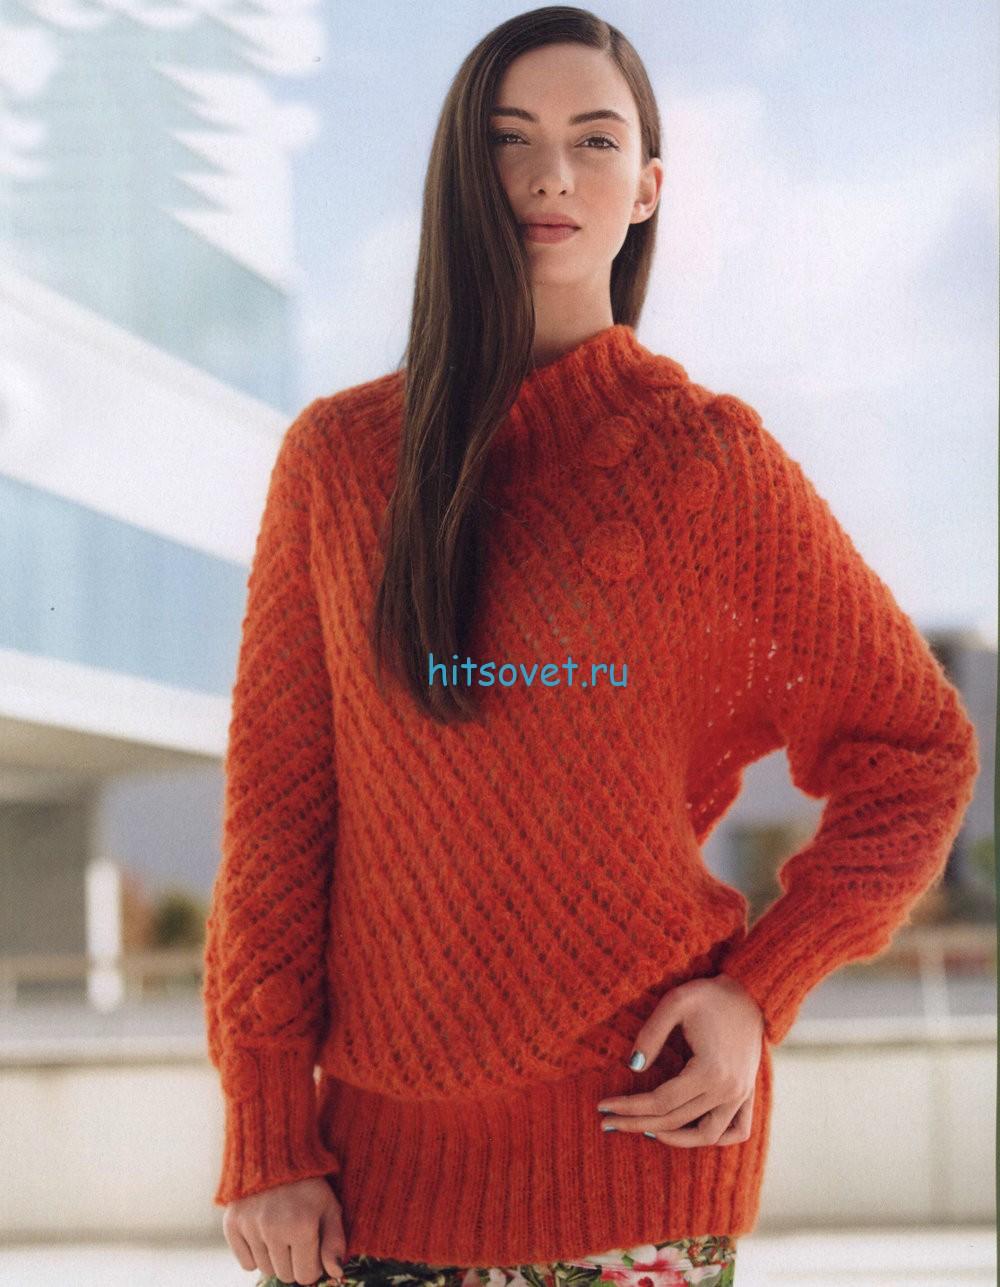 Полупрозрачный свободный пуловер спицами